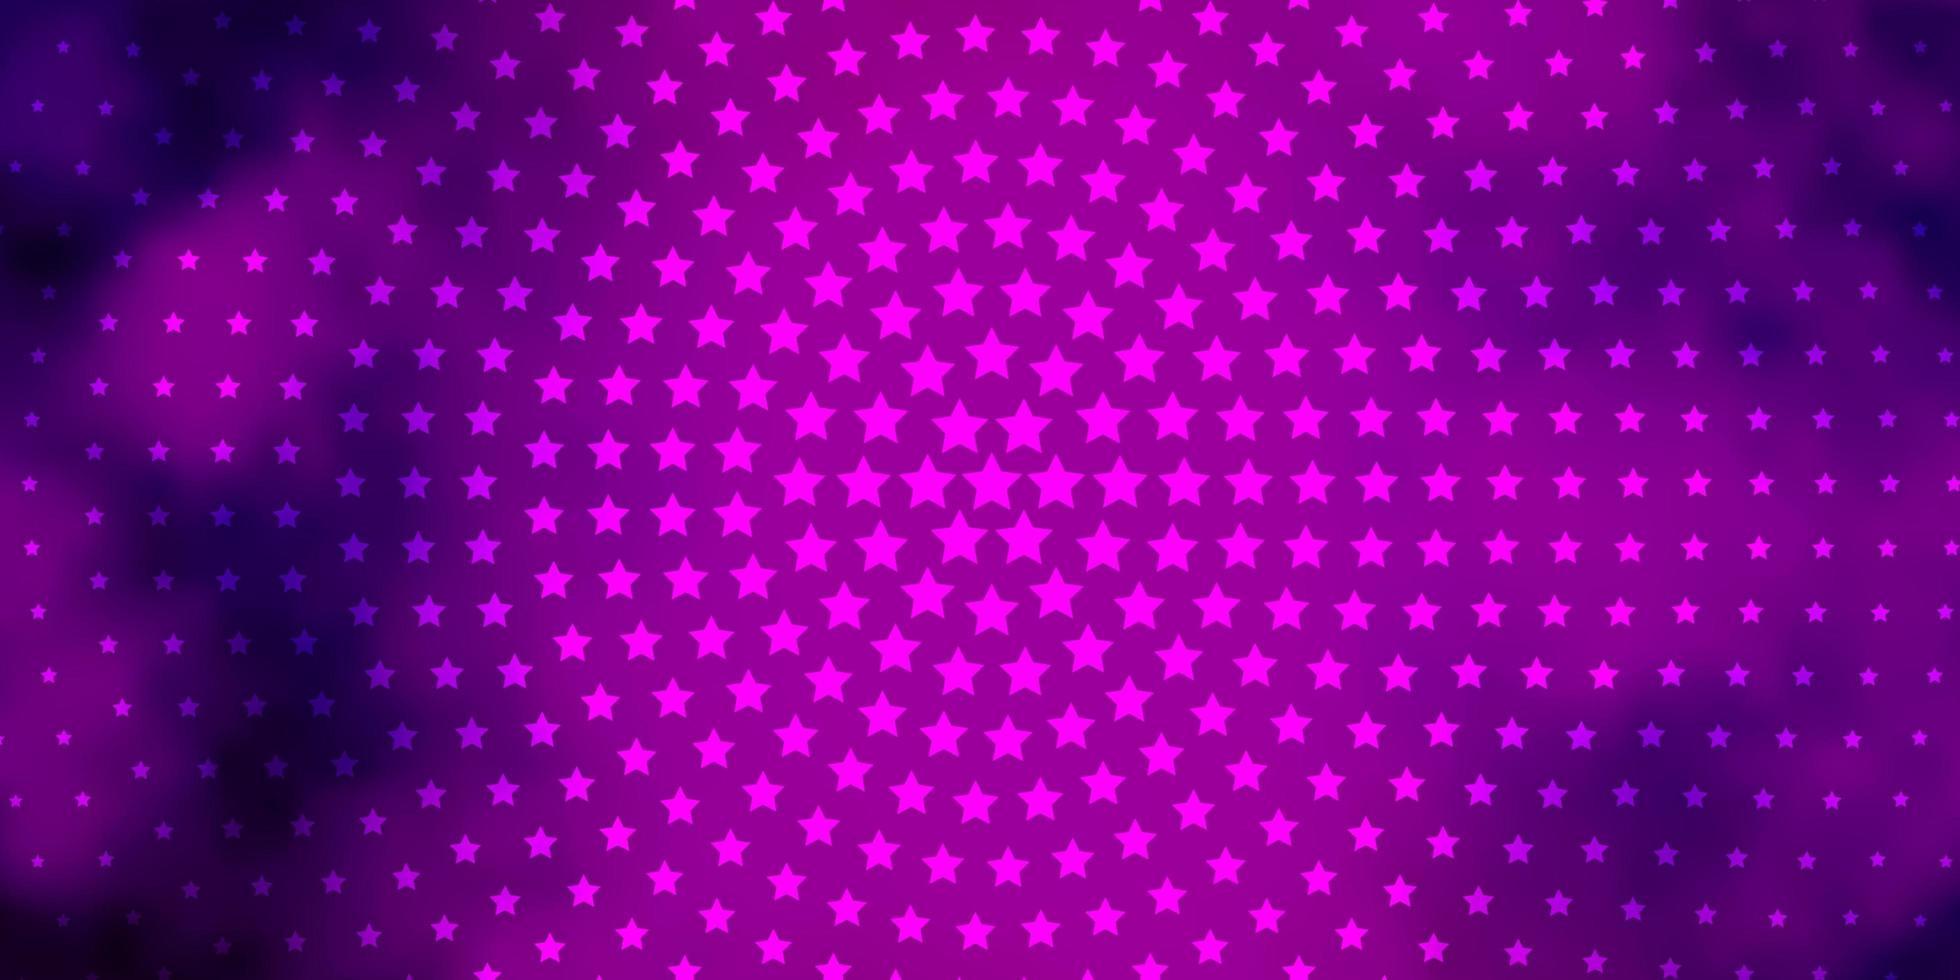 modèle vectoriel violet foncé avec des étoiles au néon.